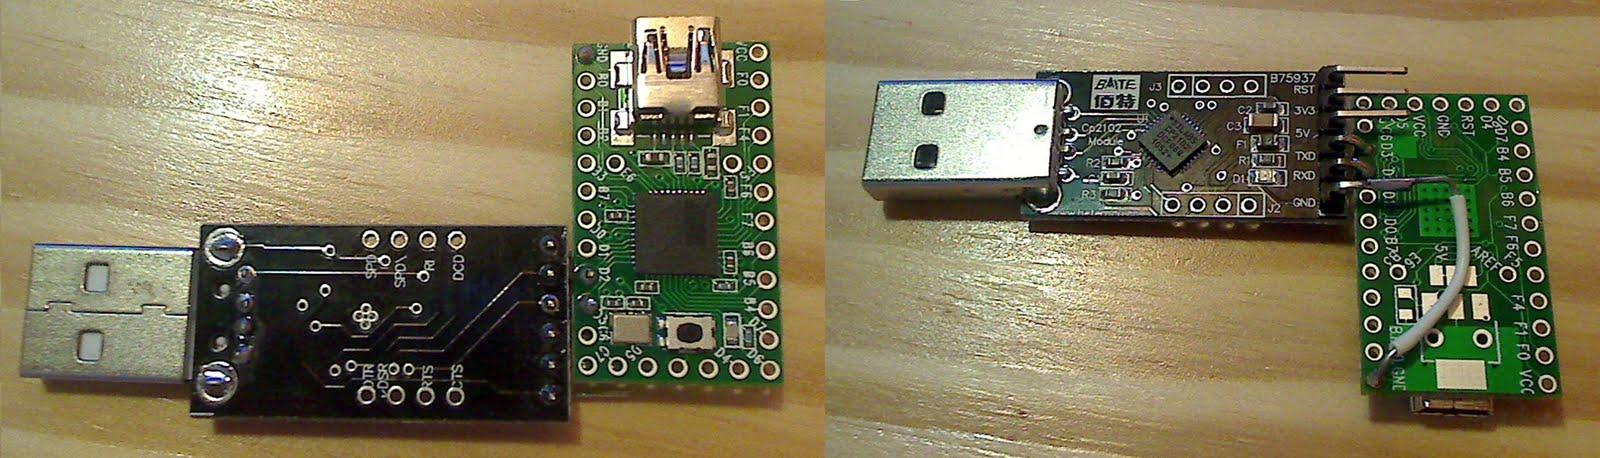 soldered.jpg